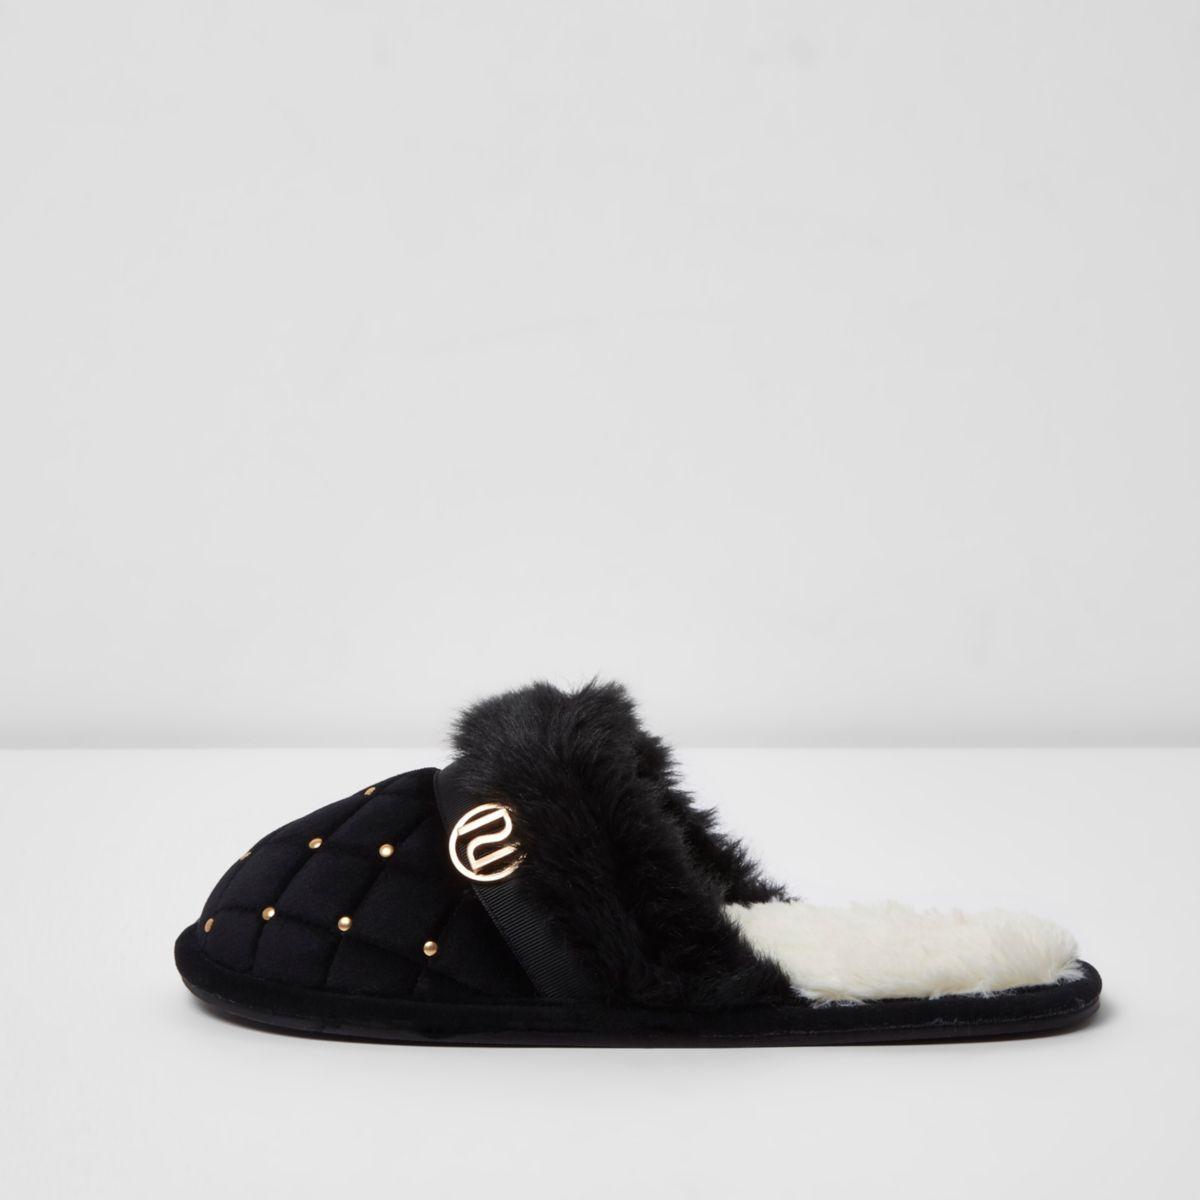 Zwarte doorgestikte pluizige pantoffels met versiering